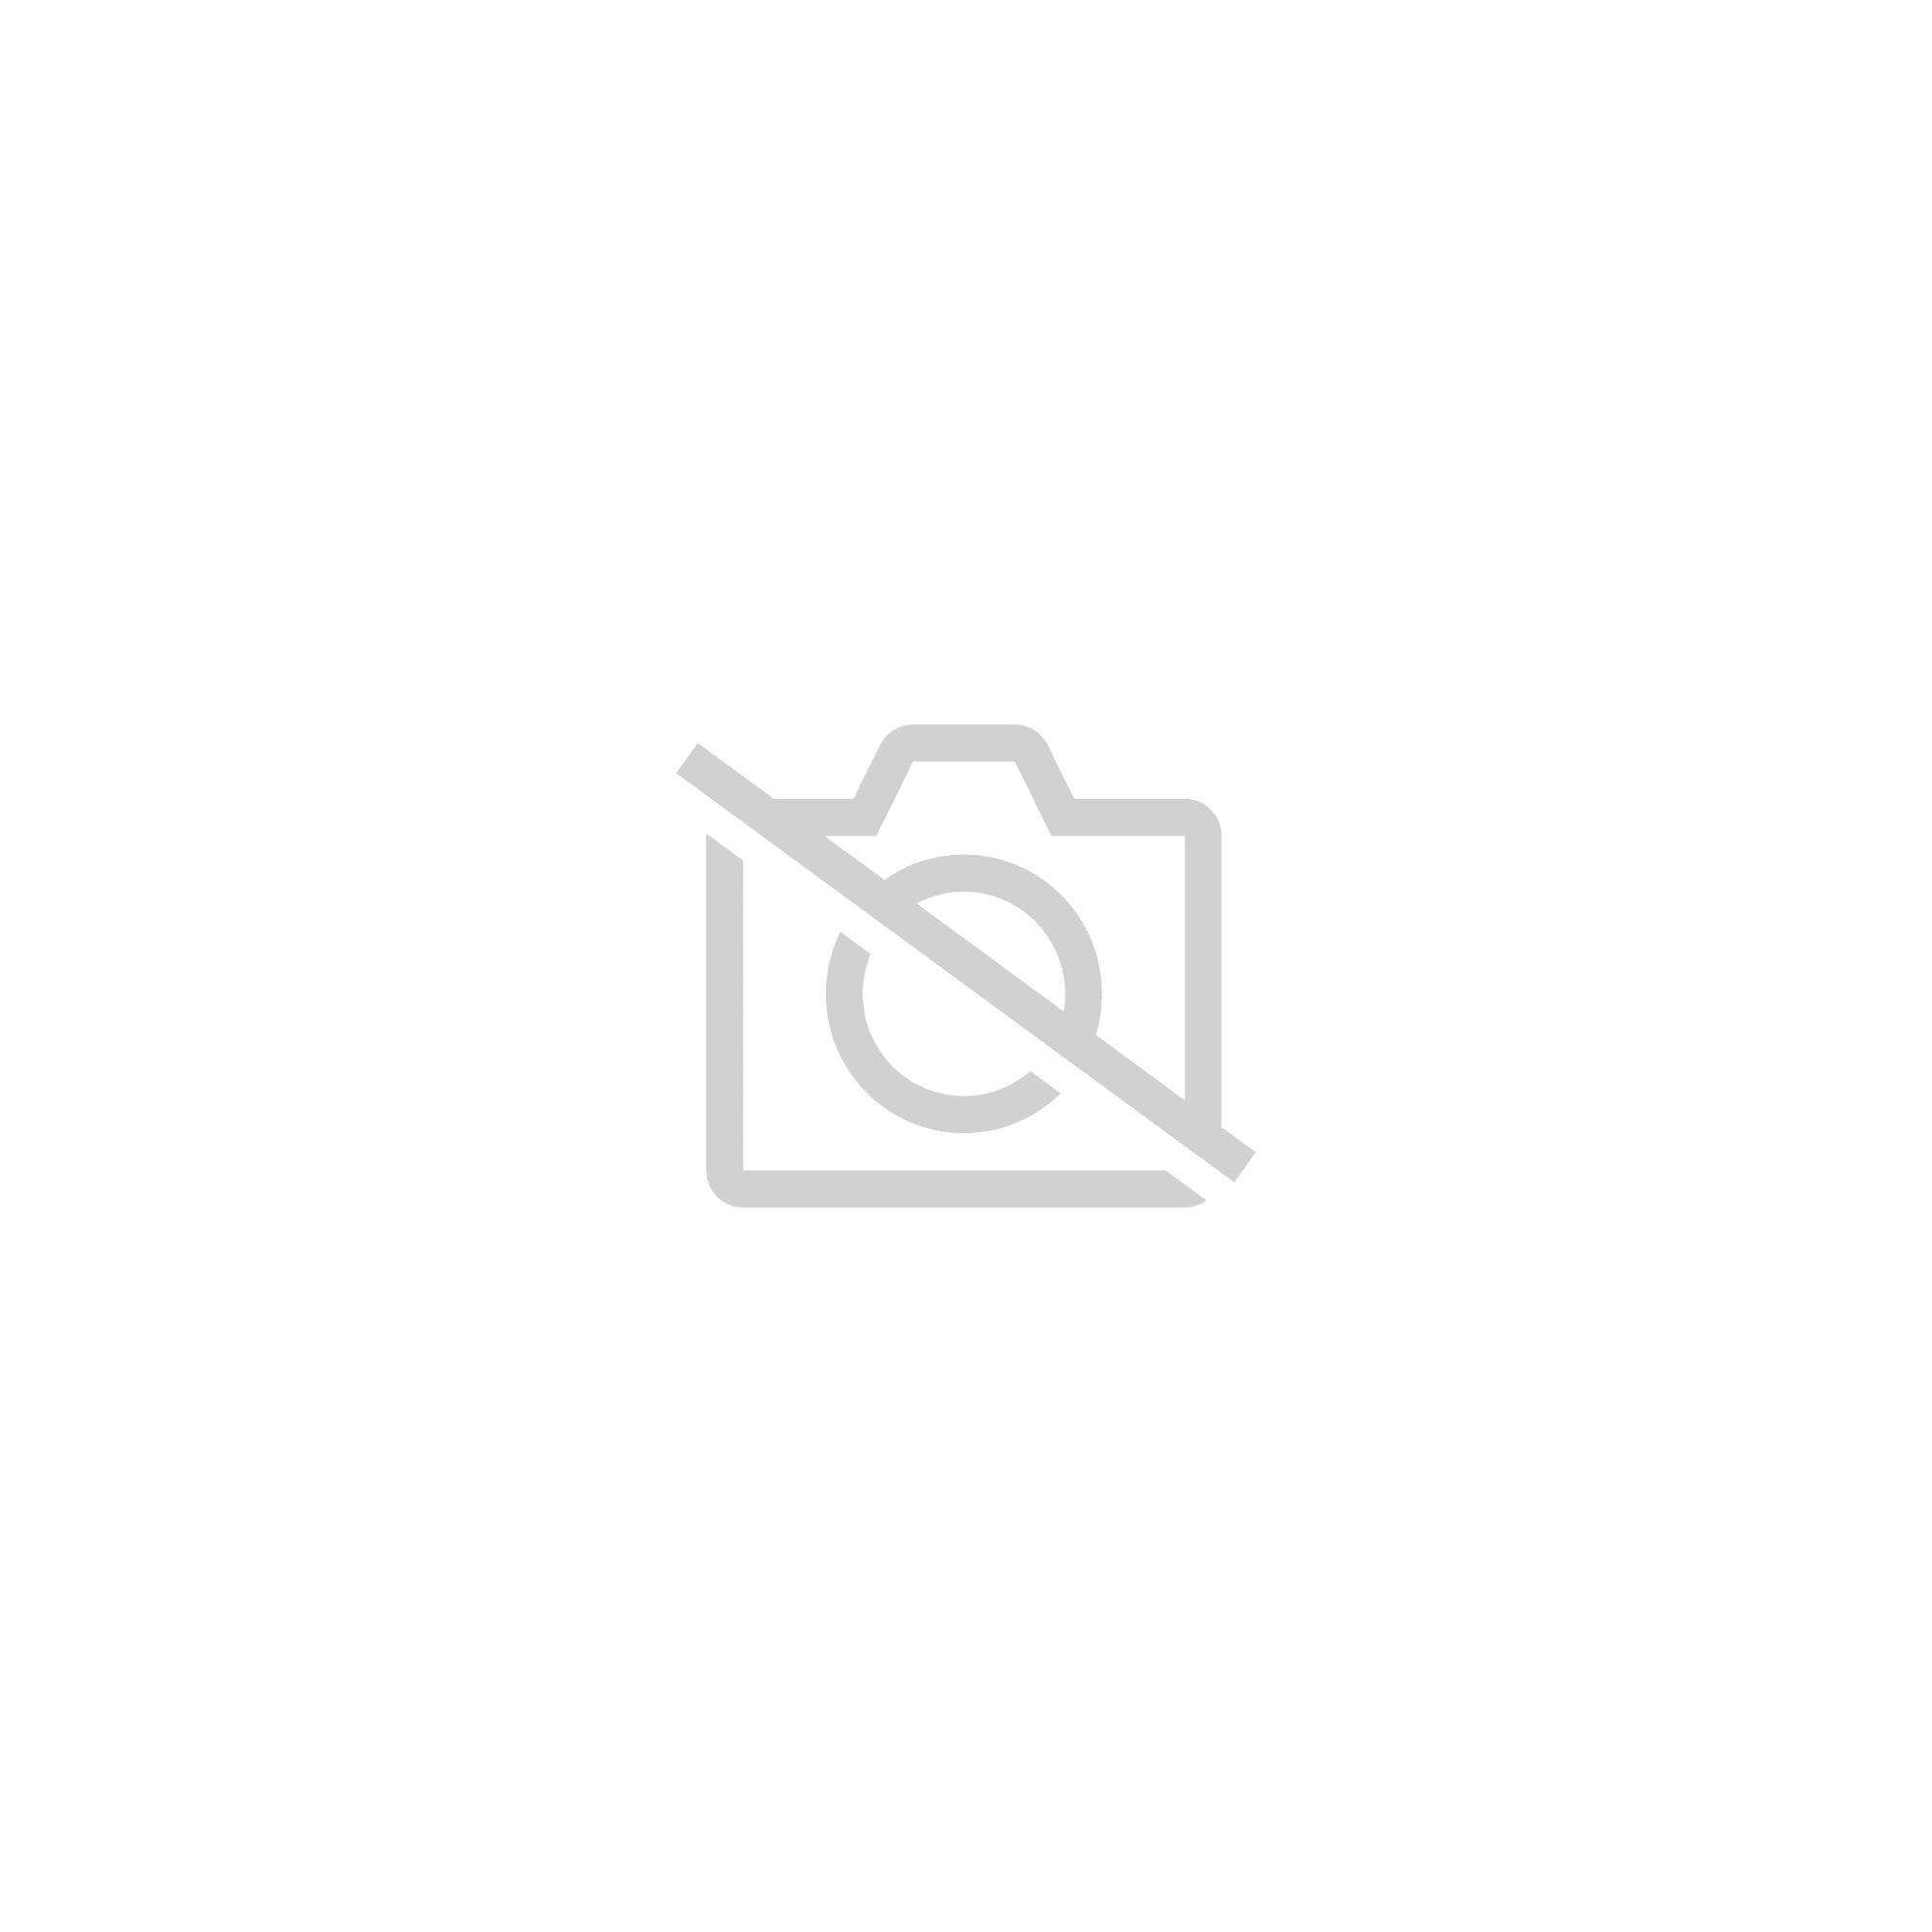 Eugène Delacroix. Aquarelles et lavis - Laquet (Editions du) - 01/01/1999